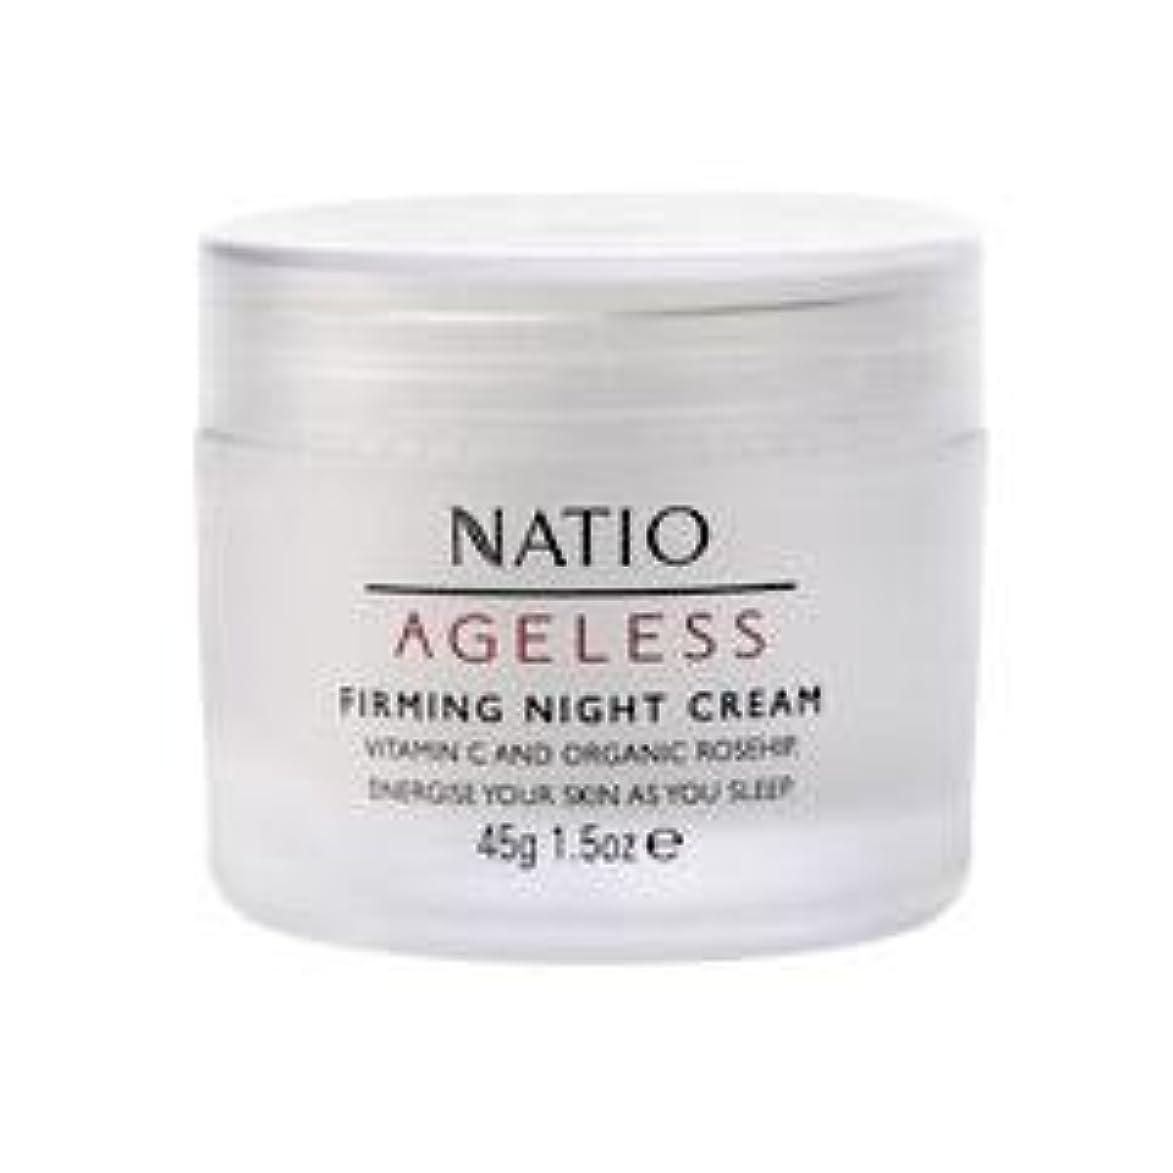 レイ皮肉な衣装【NATIO Ageless Firming Night Cream】 ナティオ ナイトクリーム [海外直送品]